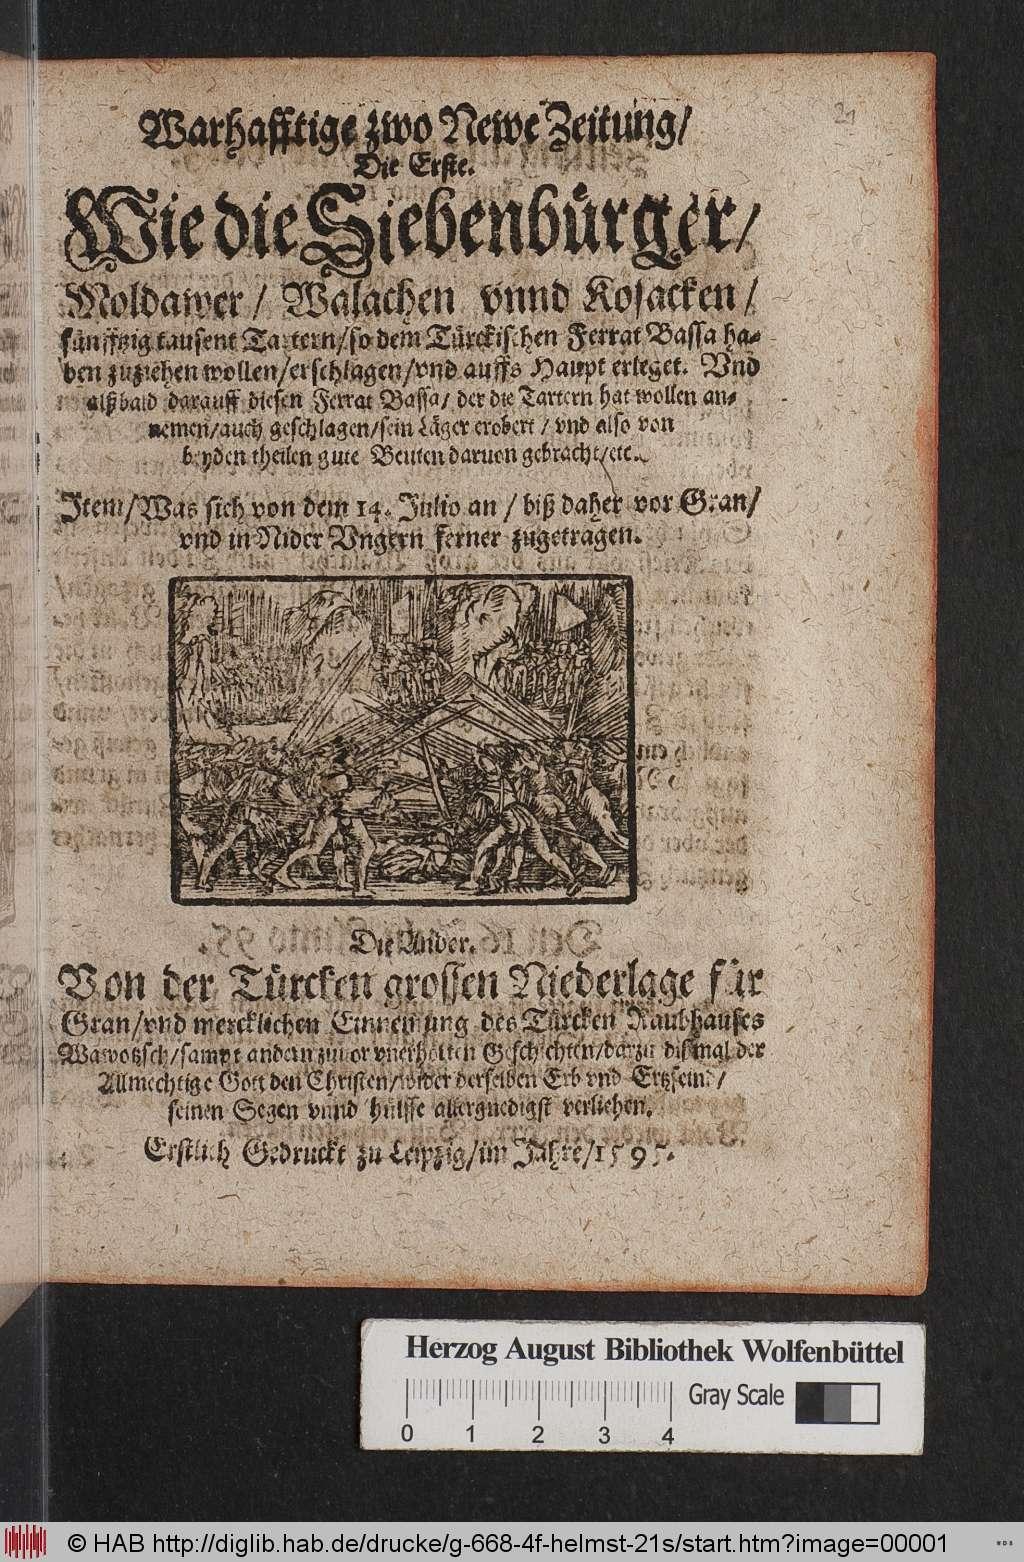 http://diglib.hab.de/drucke/g-668-4f-helmst-21s/00001.jpg